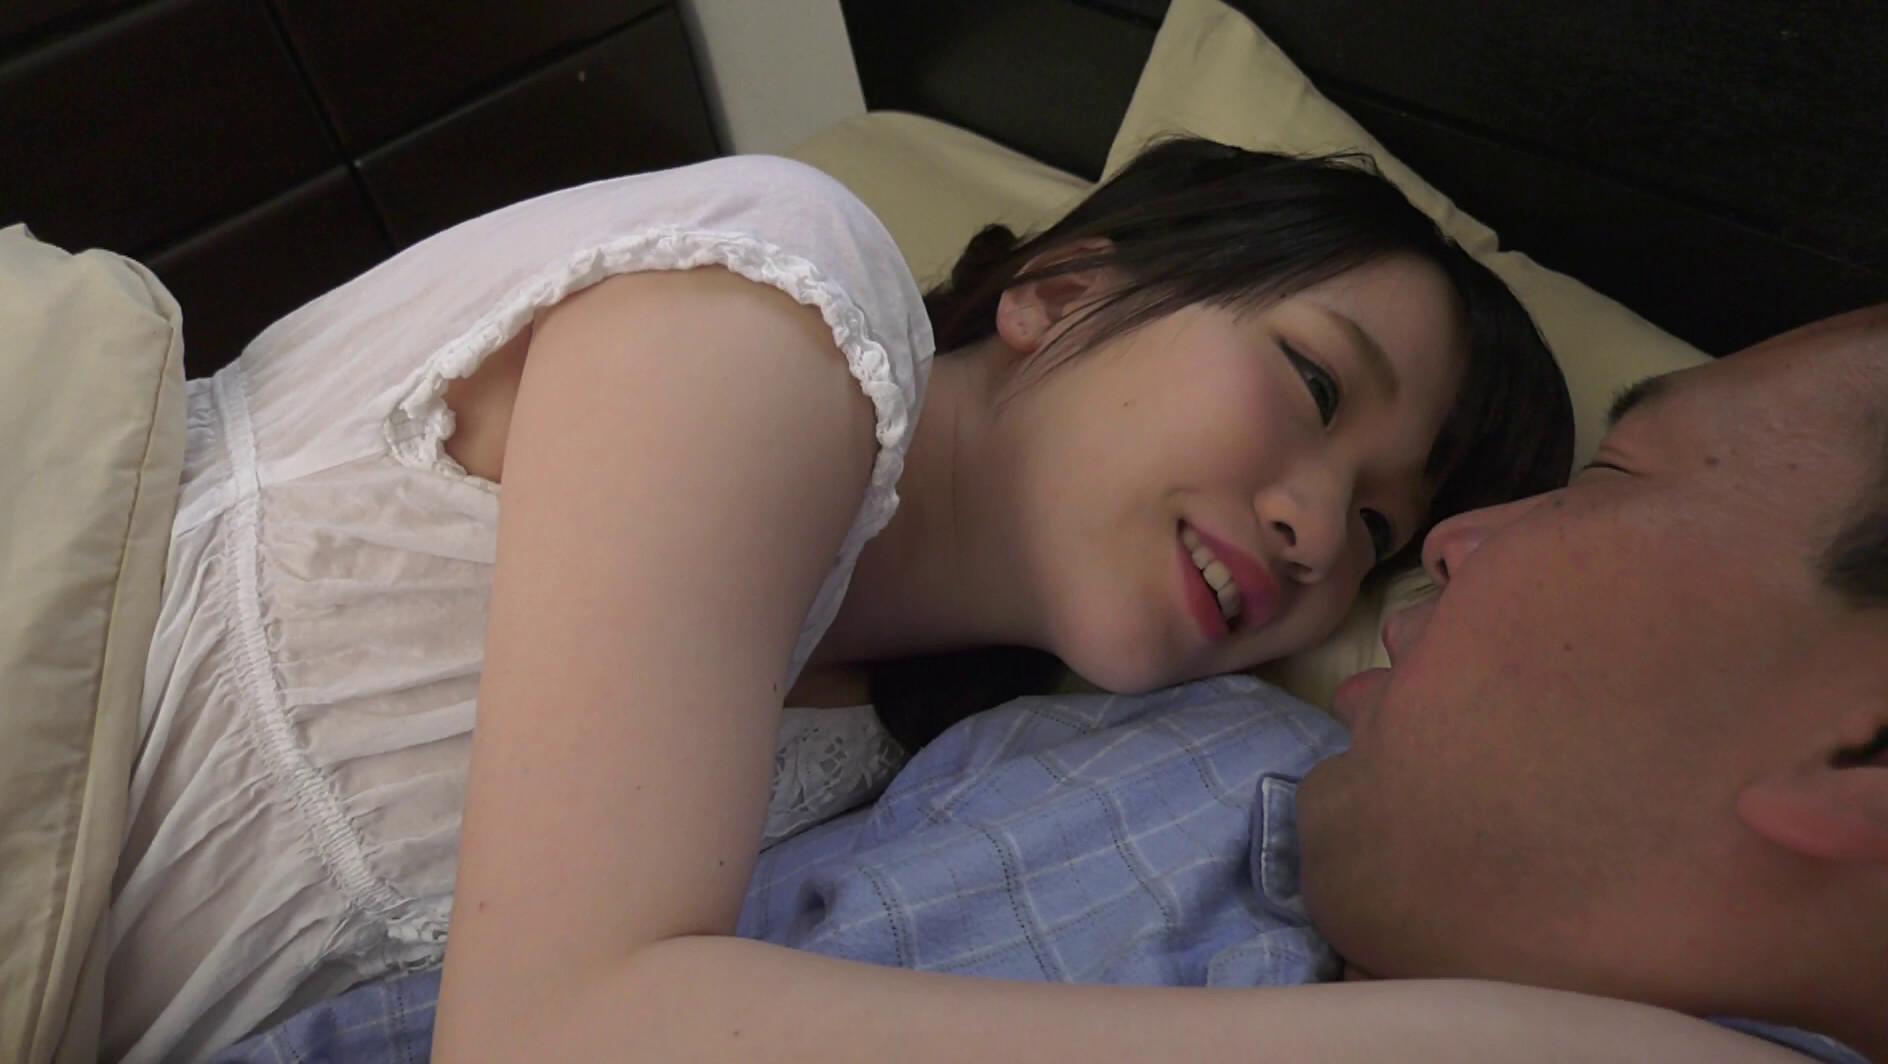 「シャワー浴びてないんでっぇぇ」超絶可愛い美女にサプライズセックス!!